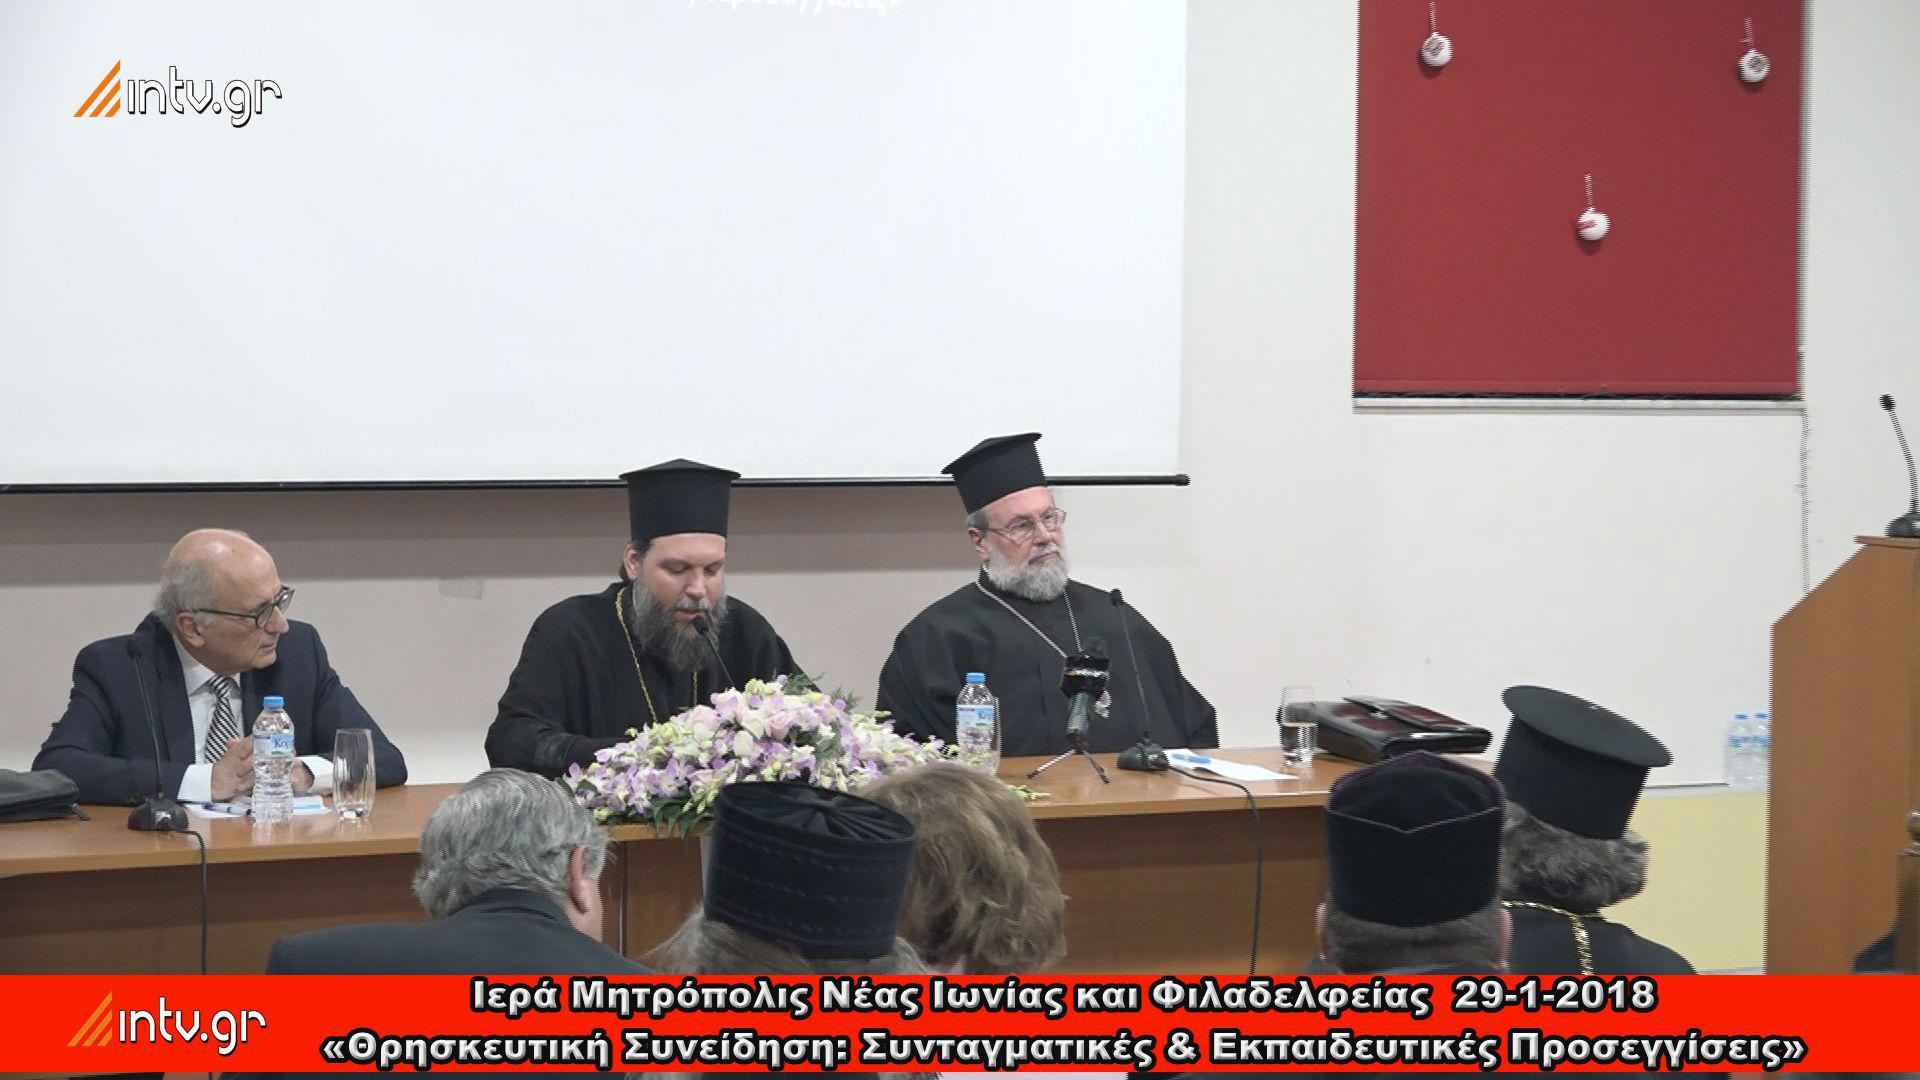 Ιερά Μητρόπολις Νέας Ιωνίας και Φιλαδελφείας - «Θρησκευτική Συνείδηση: Συνταγματικές & Εκπαιδευτικές Προσεγγίσεις»